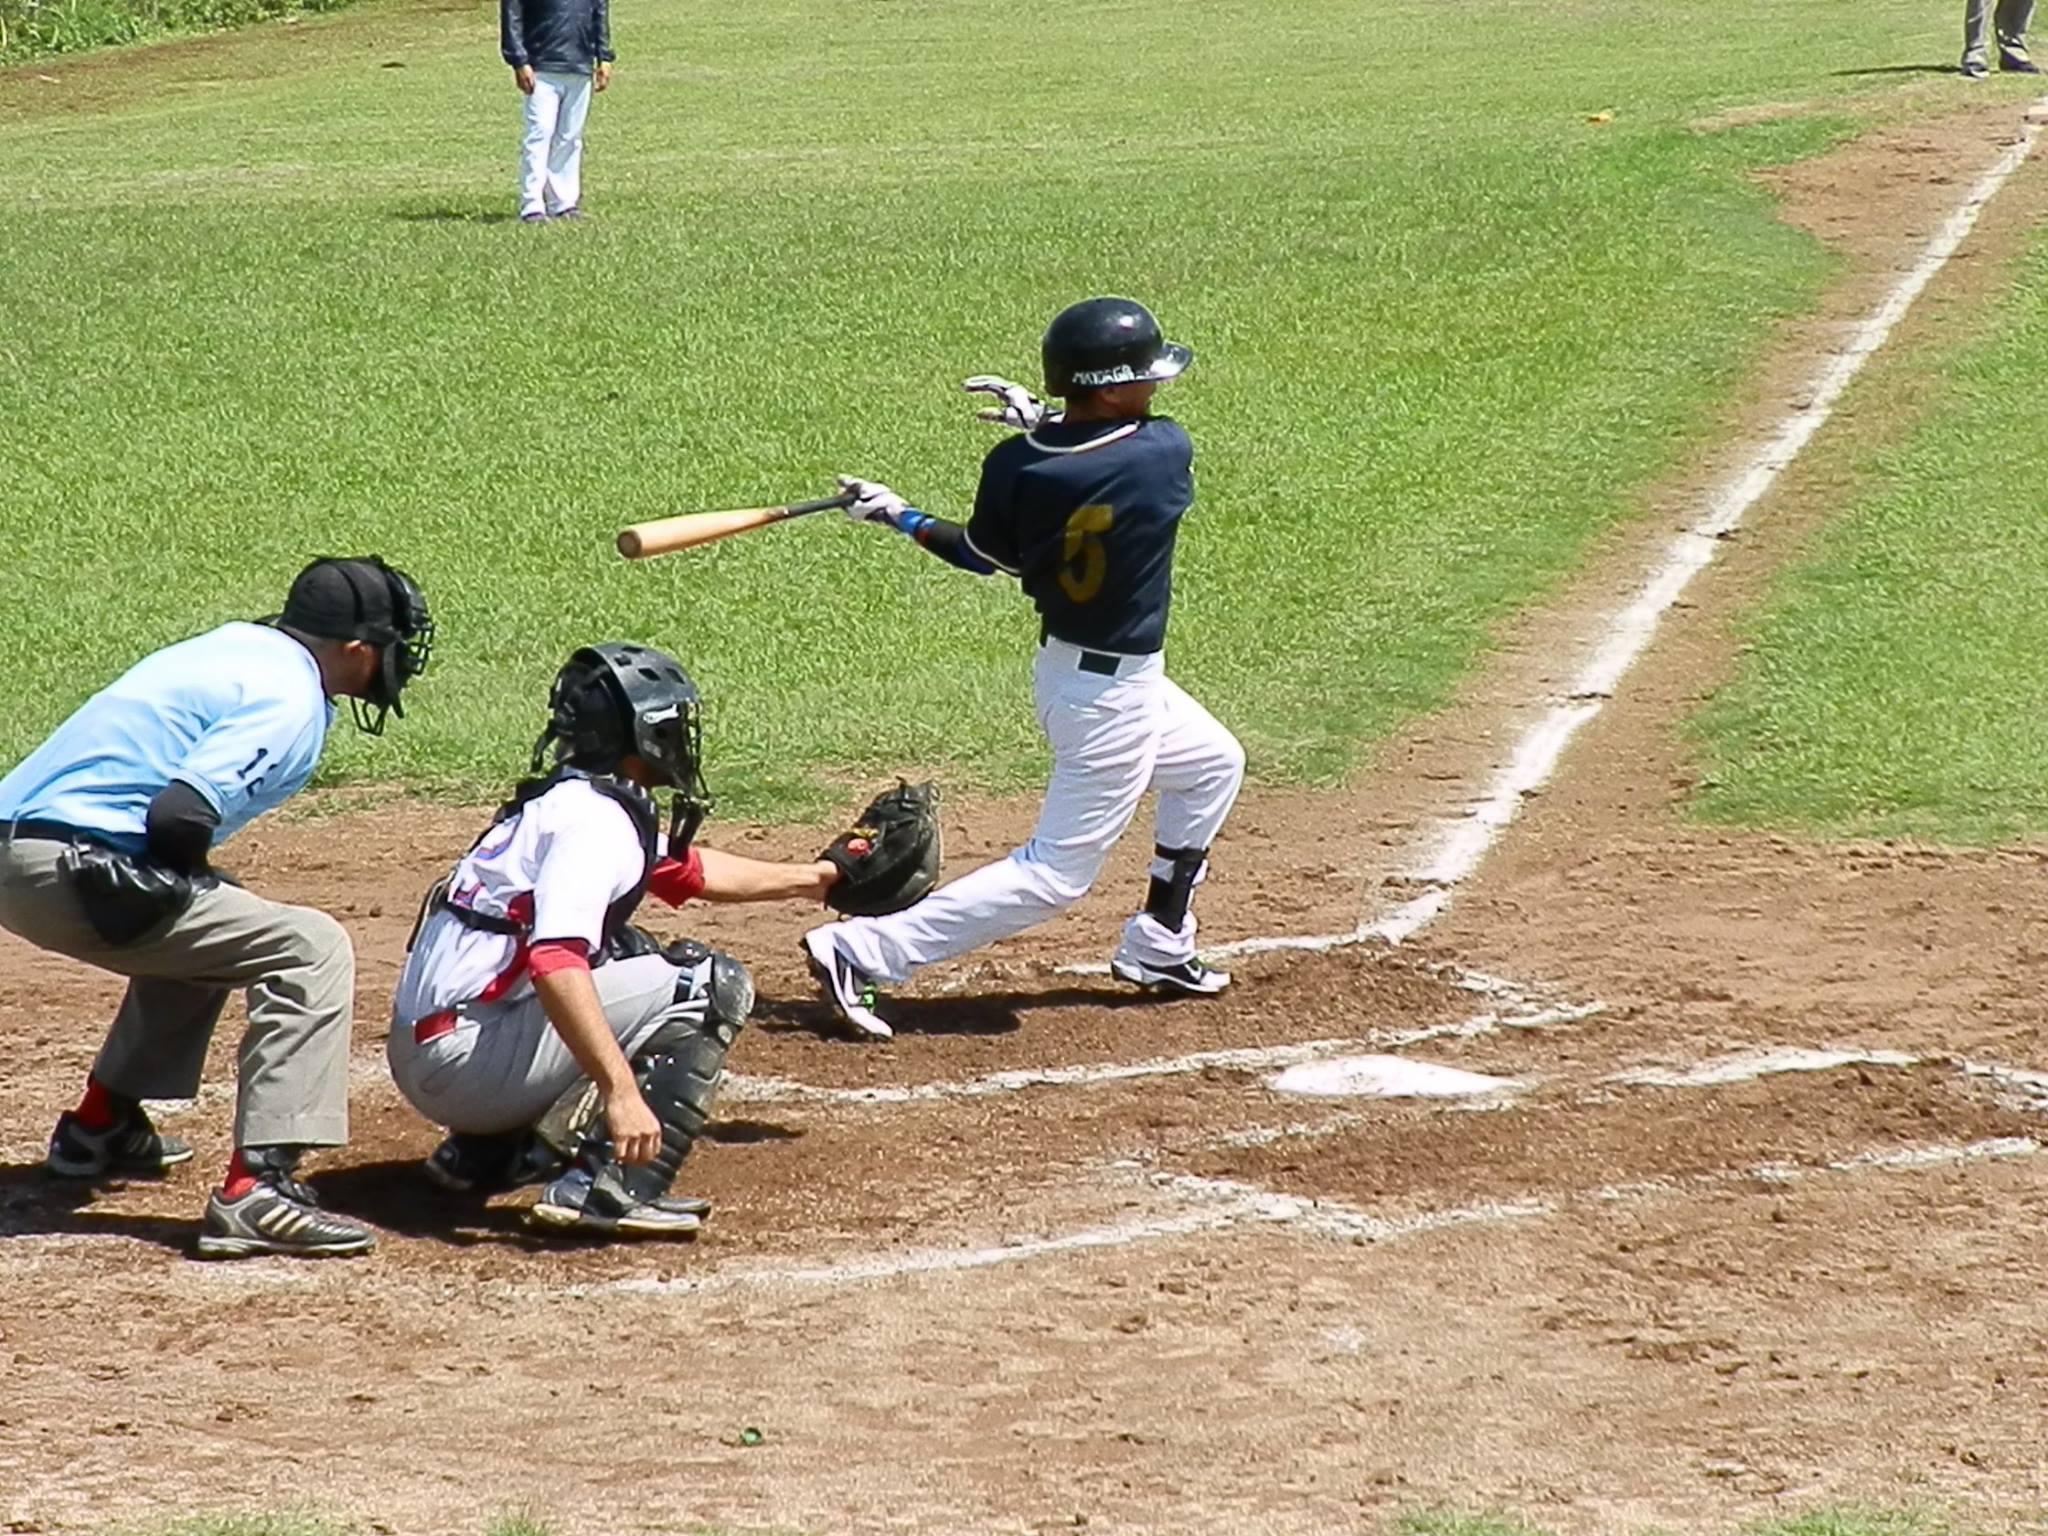 Cortesia Béisbol Santo Domingo